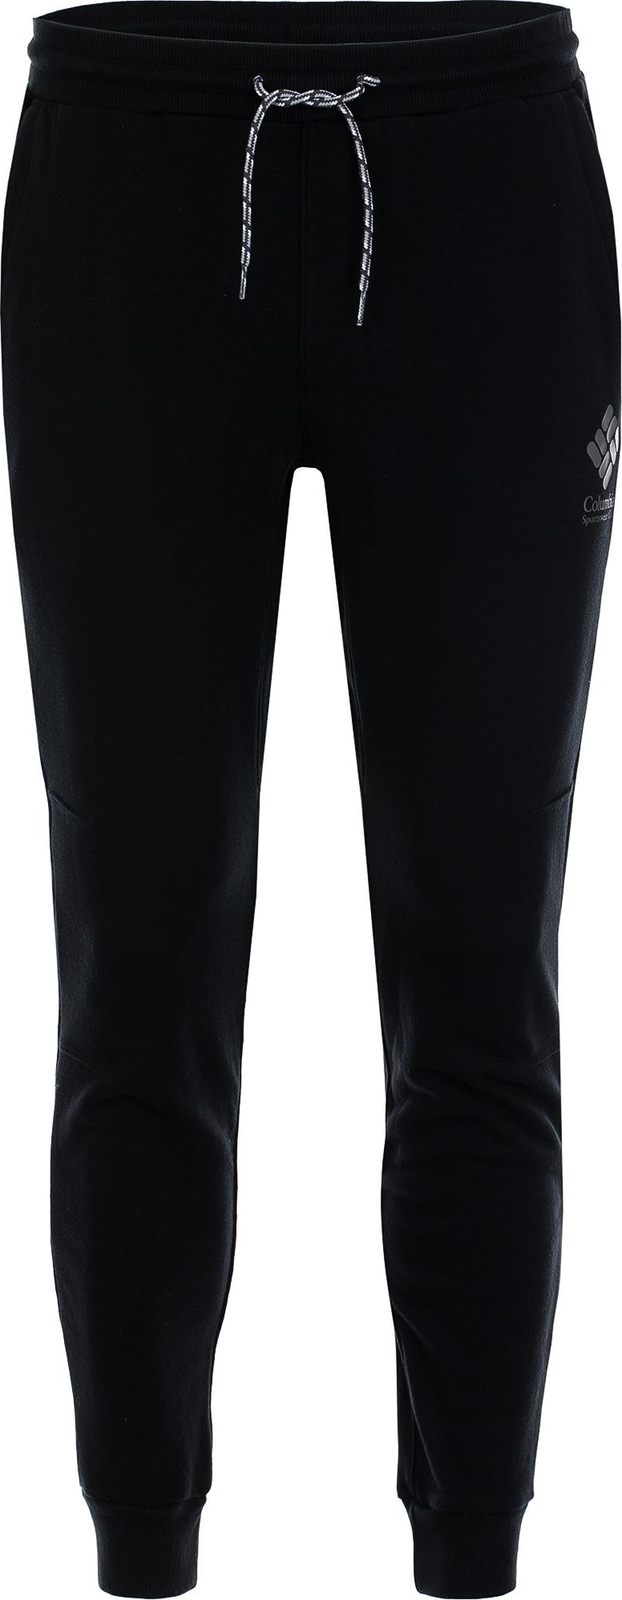 Брюки Columbia капри женские columbia csc w bugasweat capri jogger цвет черный 1837391 010 размер m 46